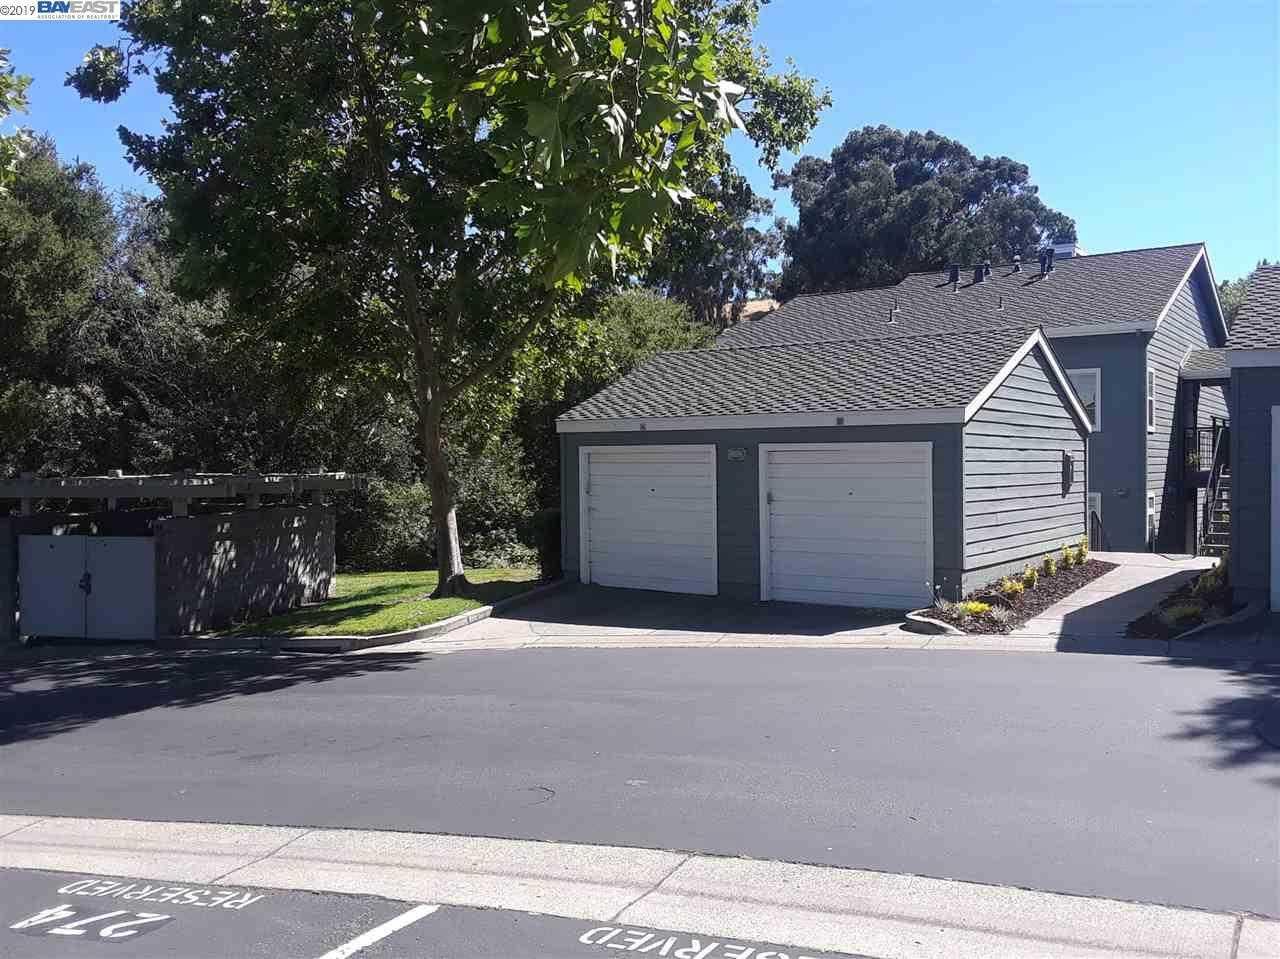 $540,000 - 3Br/2Ba -  for Sale in Canyon Meadows, Pleasanton